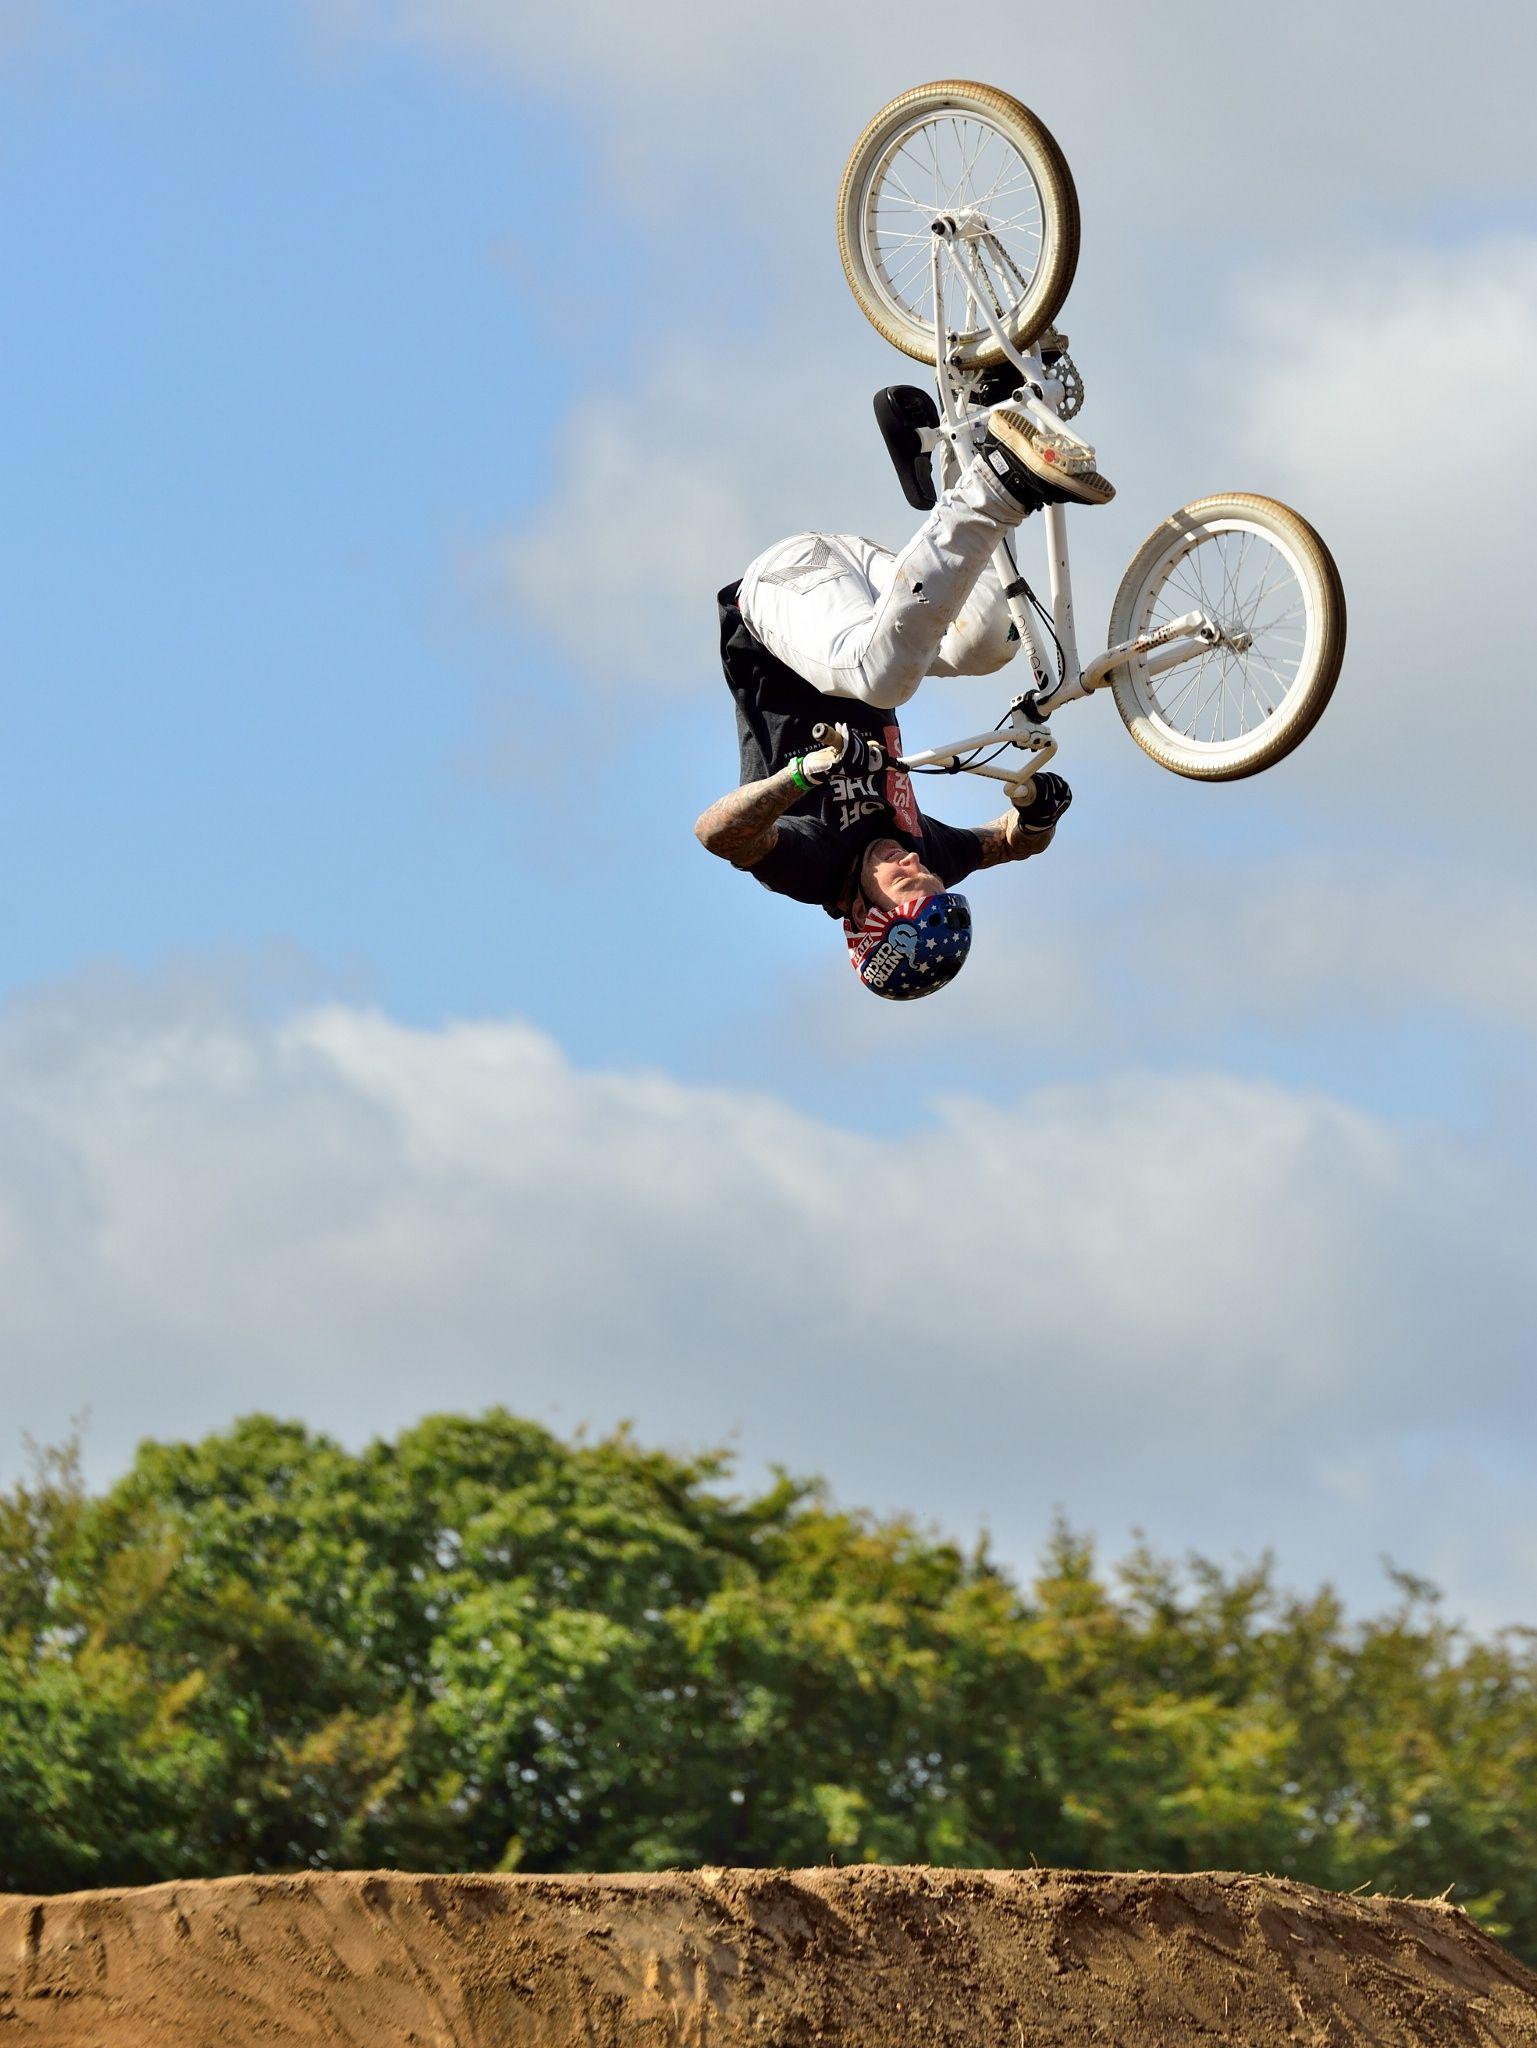 BMX FrontFlip The Finist'Air Show is an international